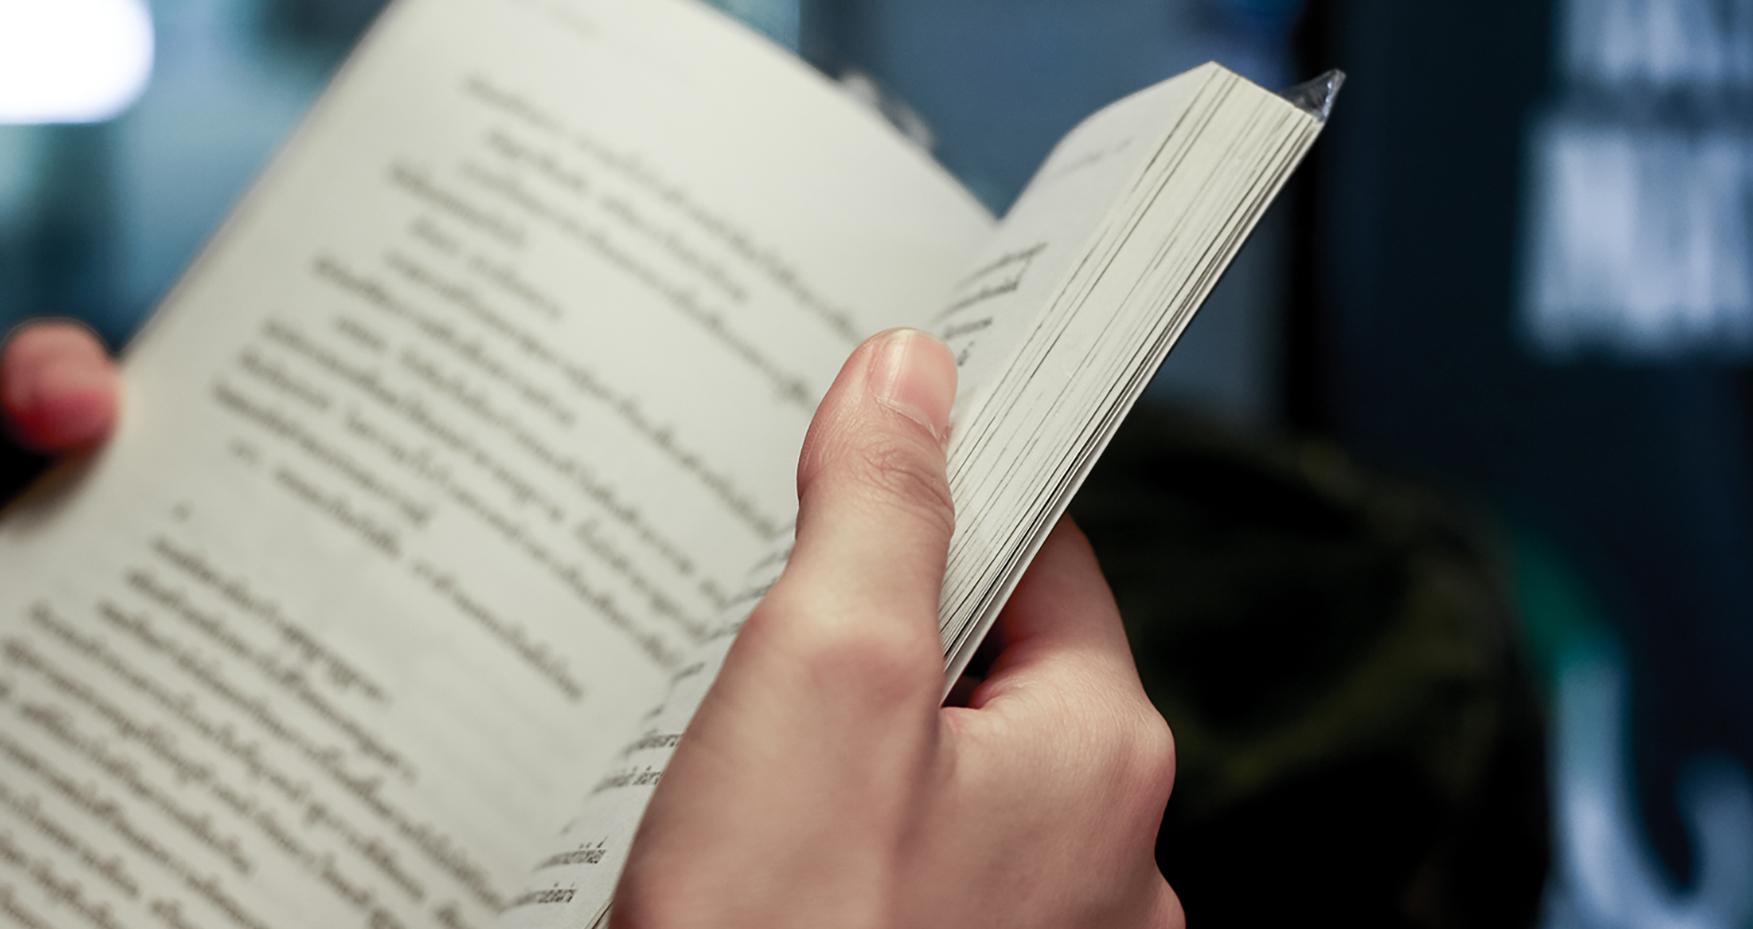 Leer en voz alta y sus beneficios